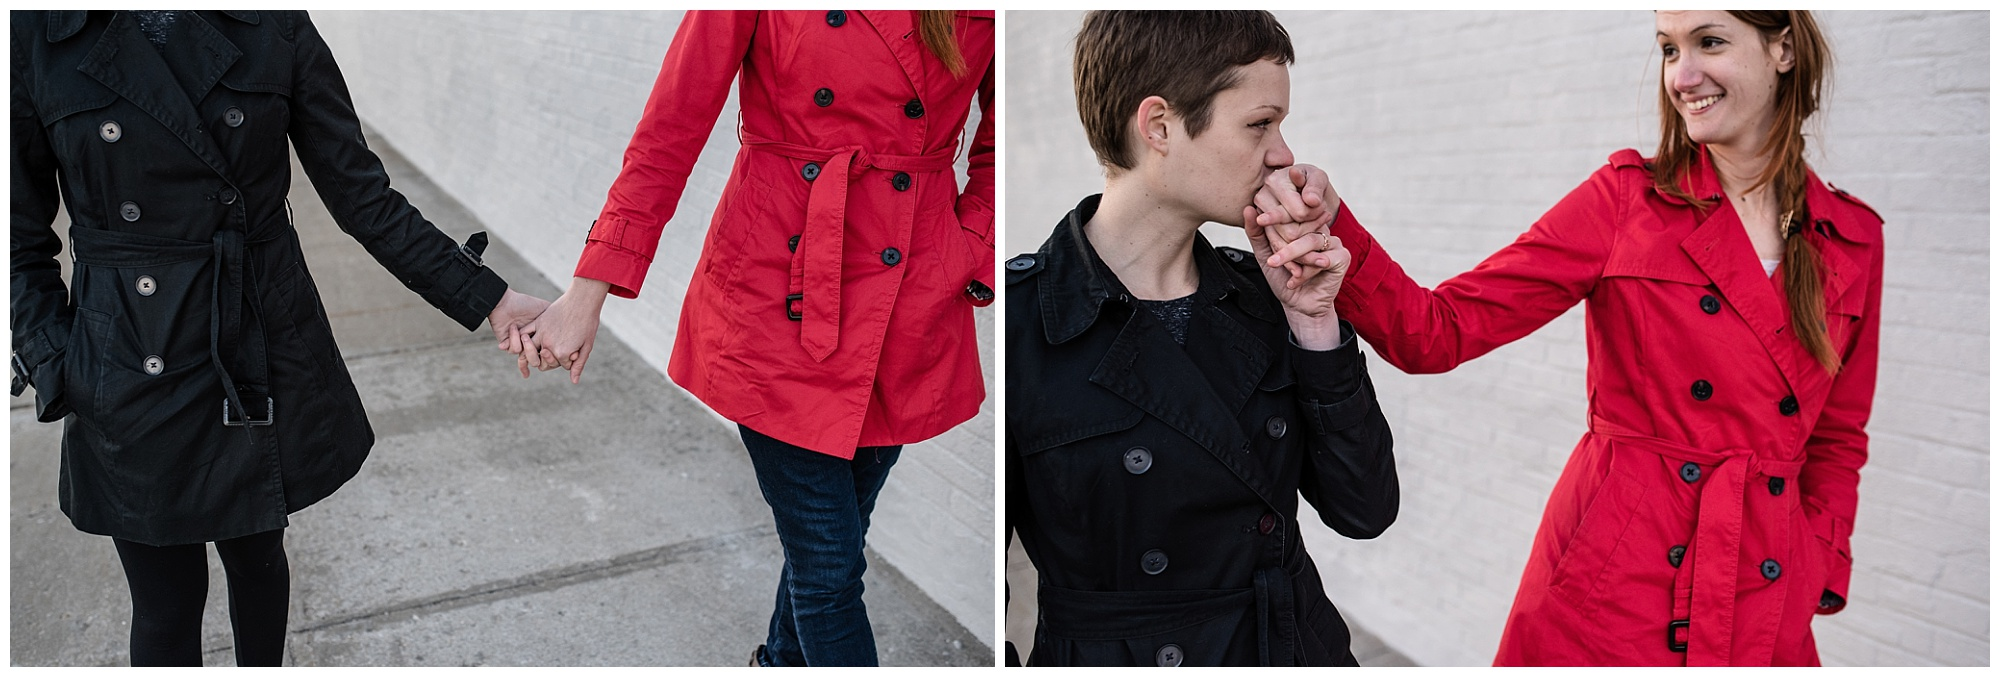 Deux amoureuses à New-York en hiver